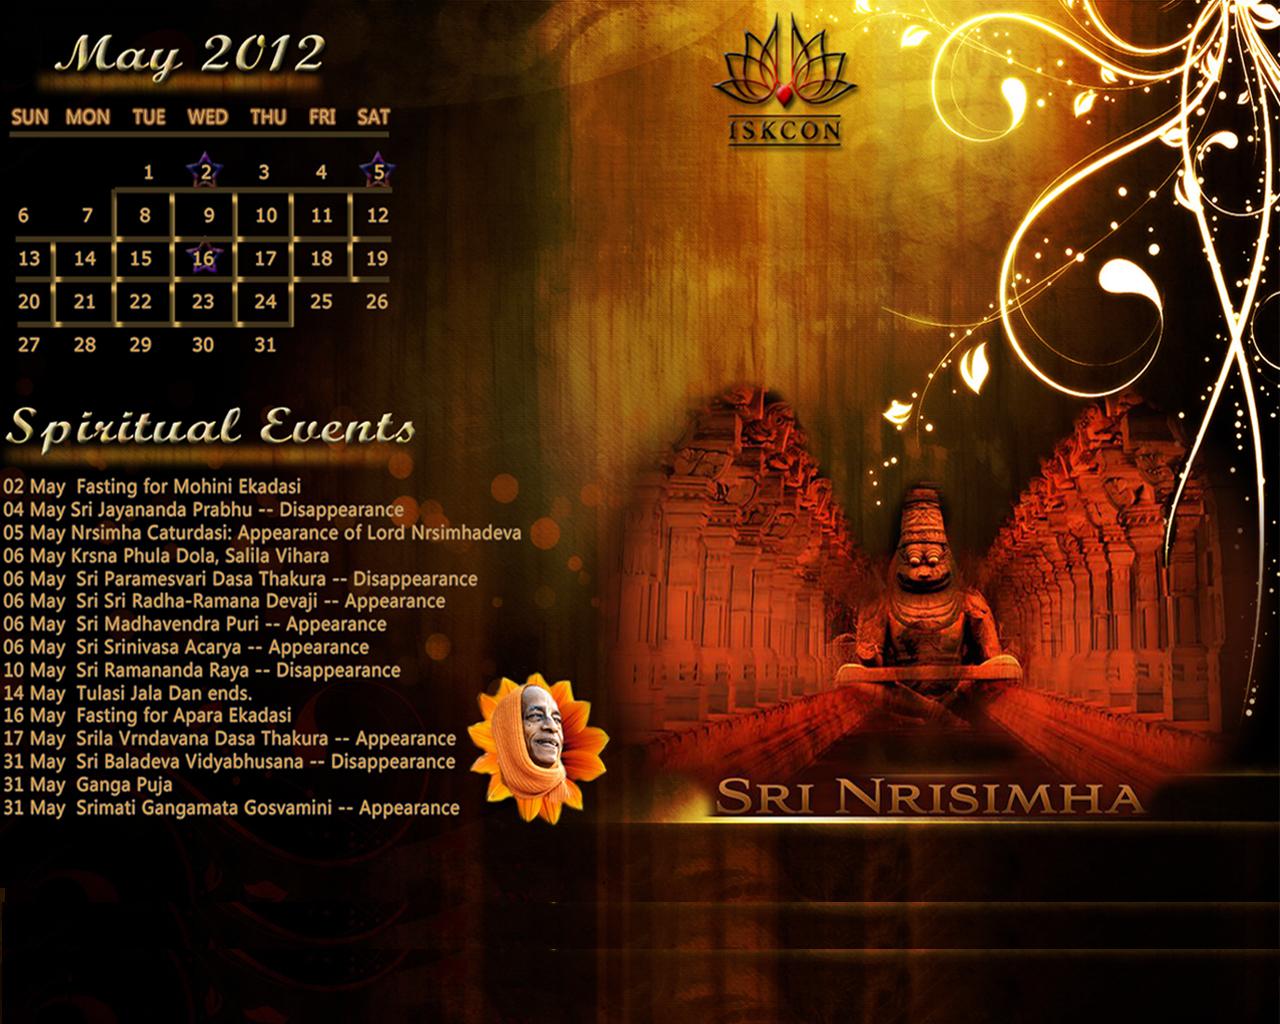 ISKCON Pakistan: May 2012 ISKCON Hare Krishna Vaishnava